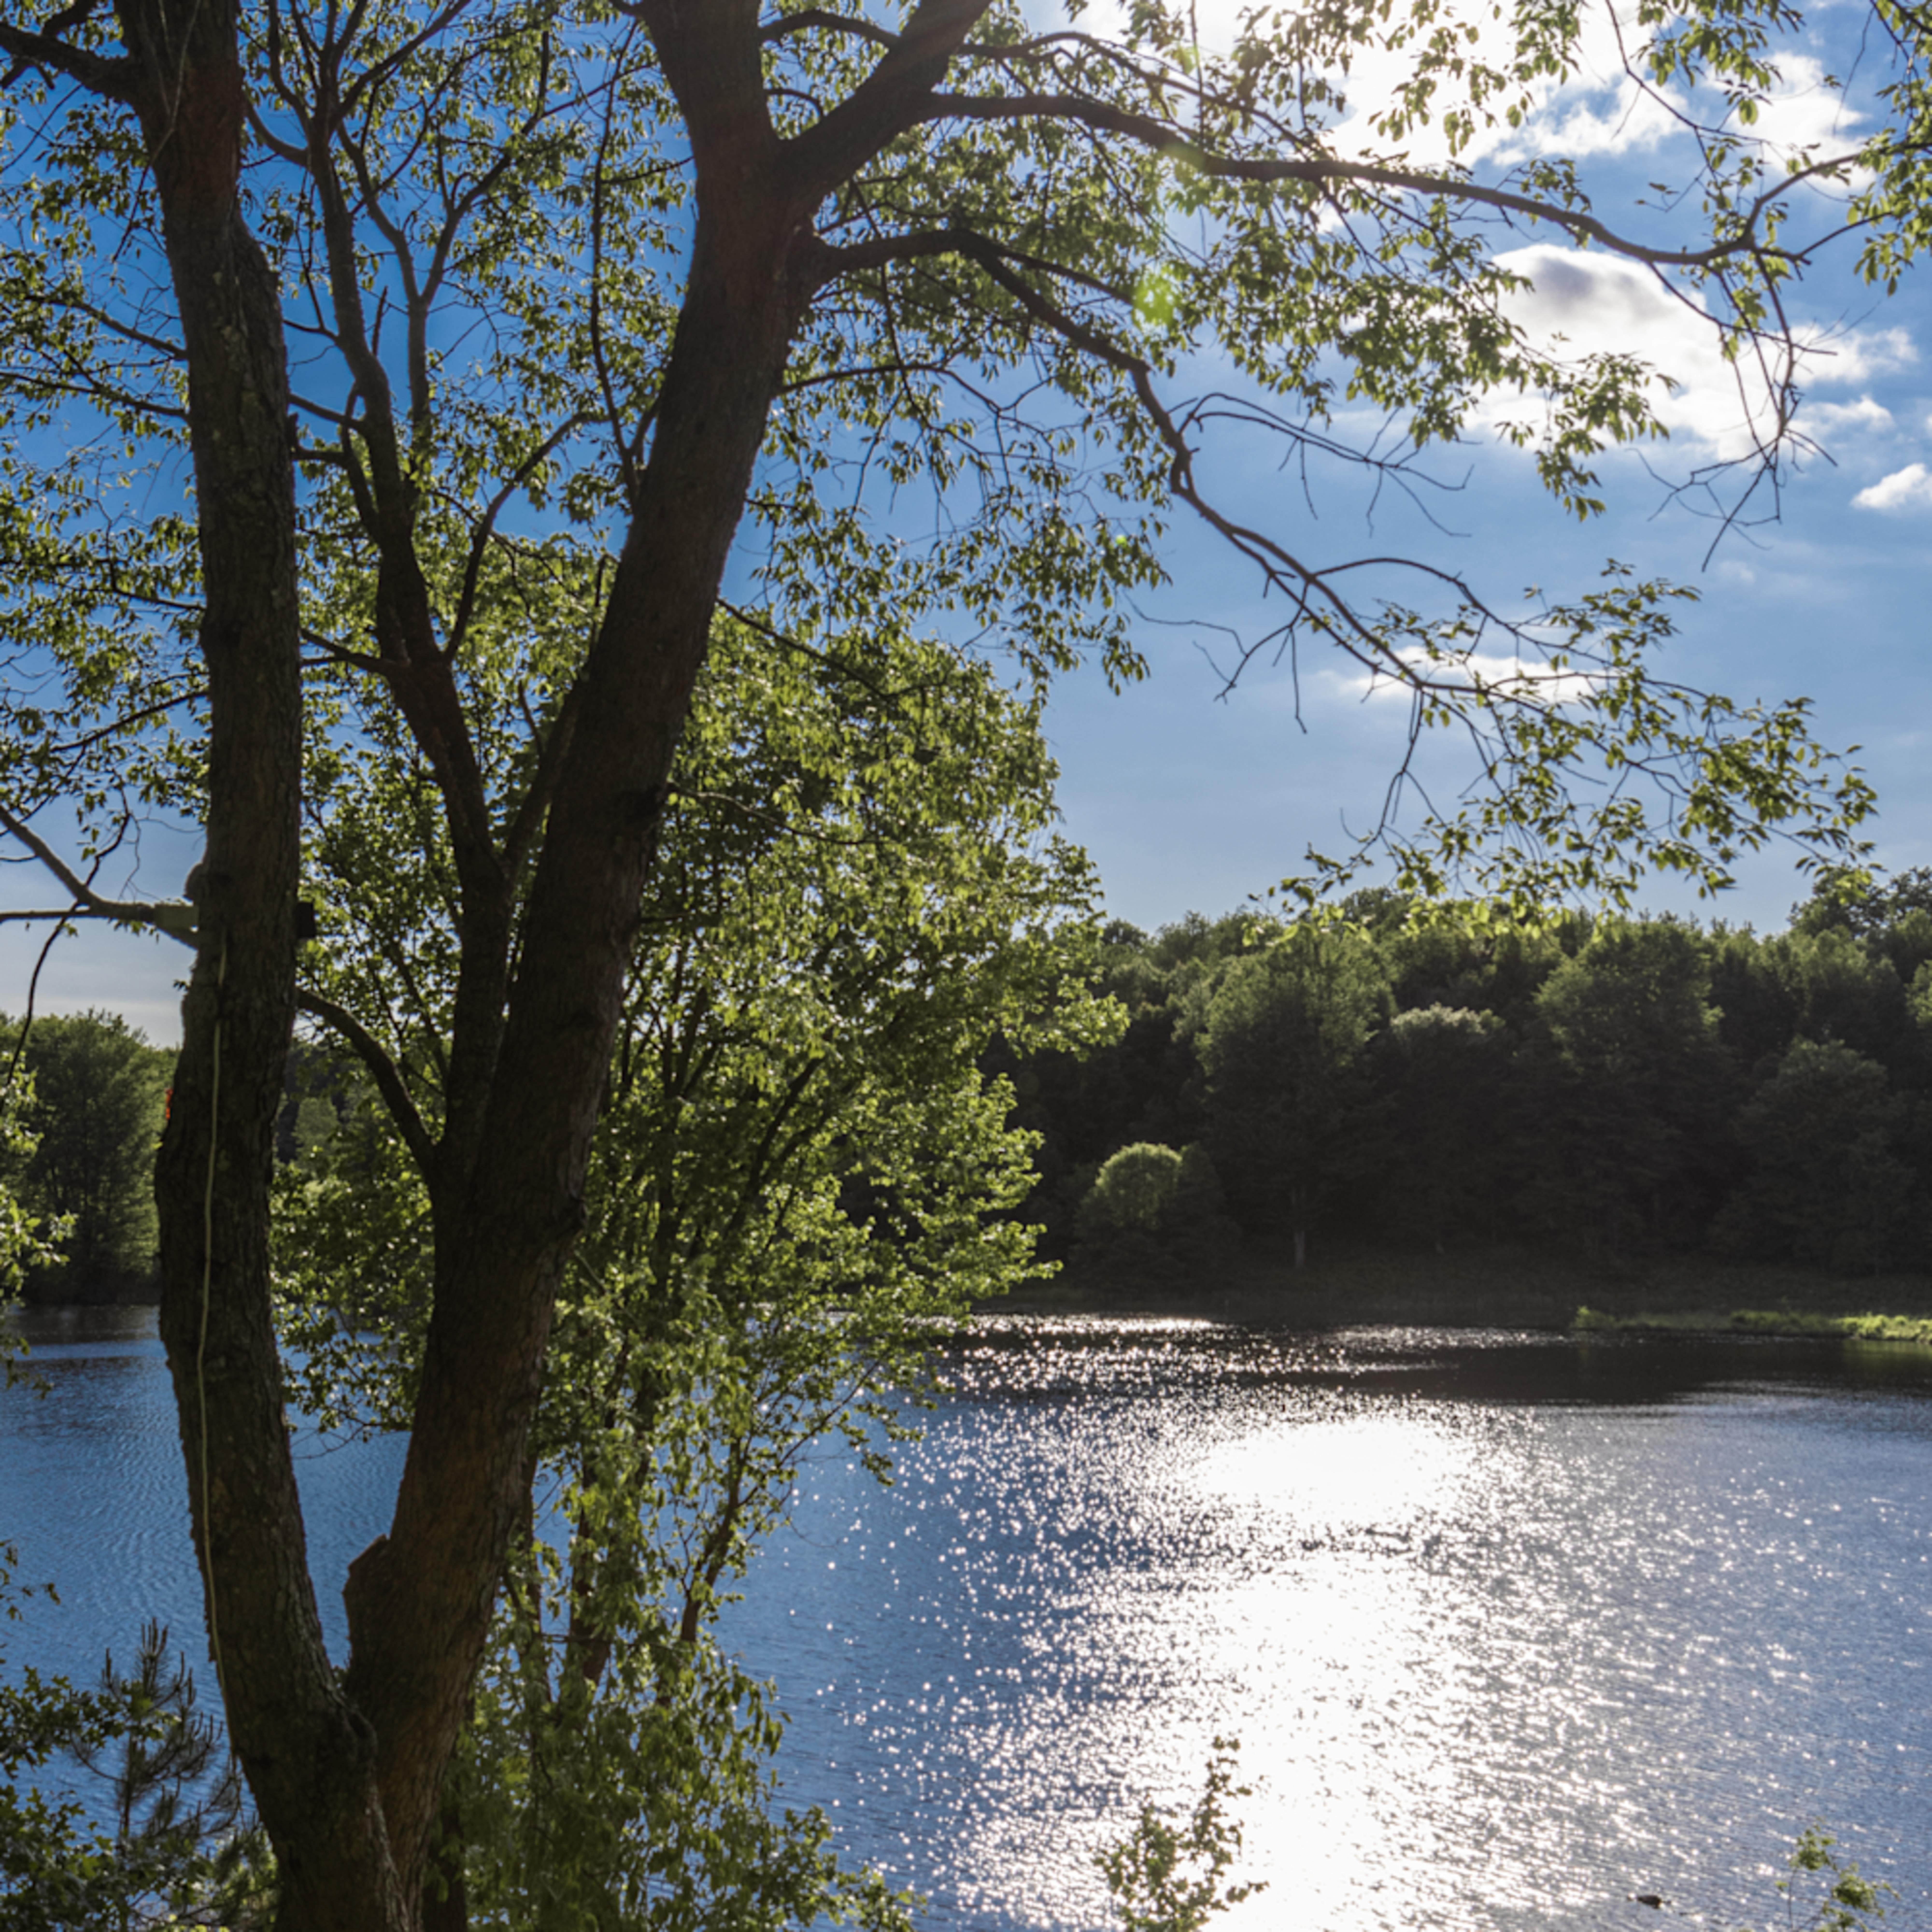 Cole lake reflections oqqyzj